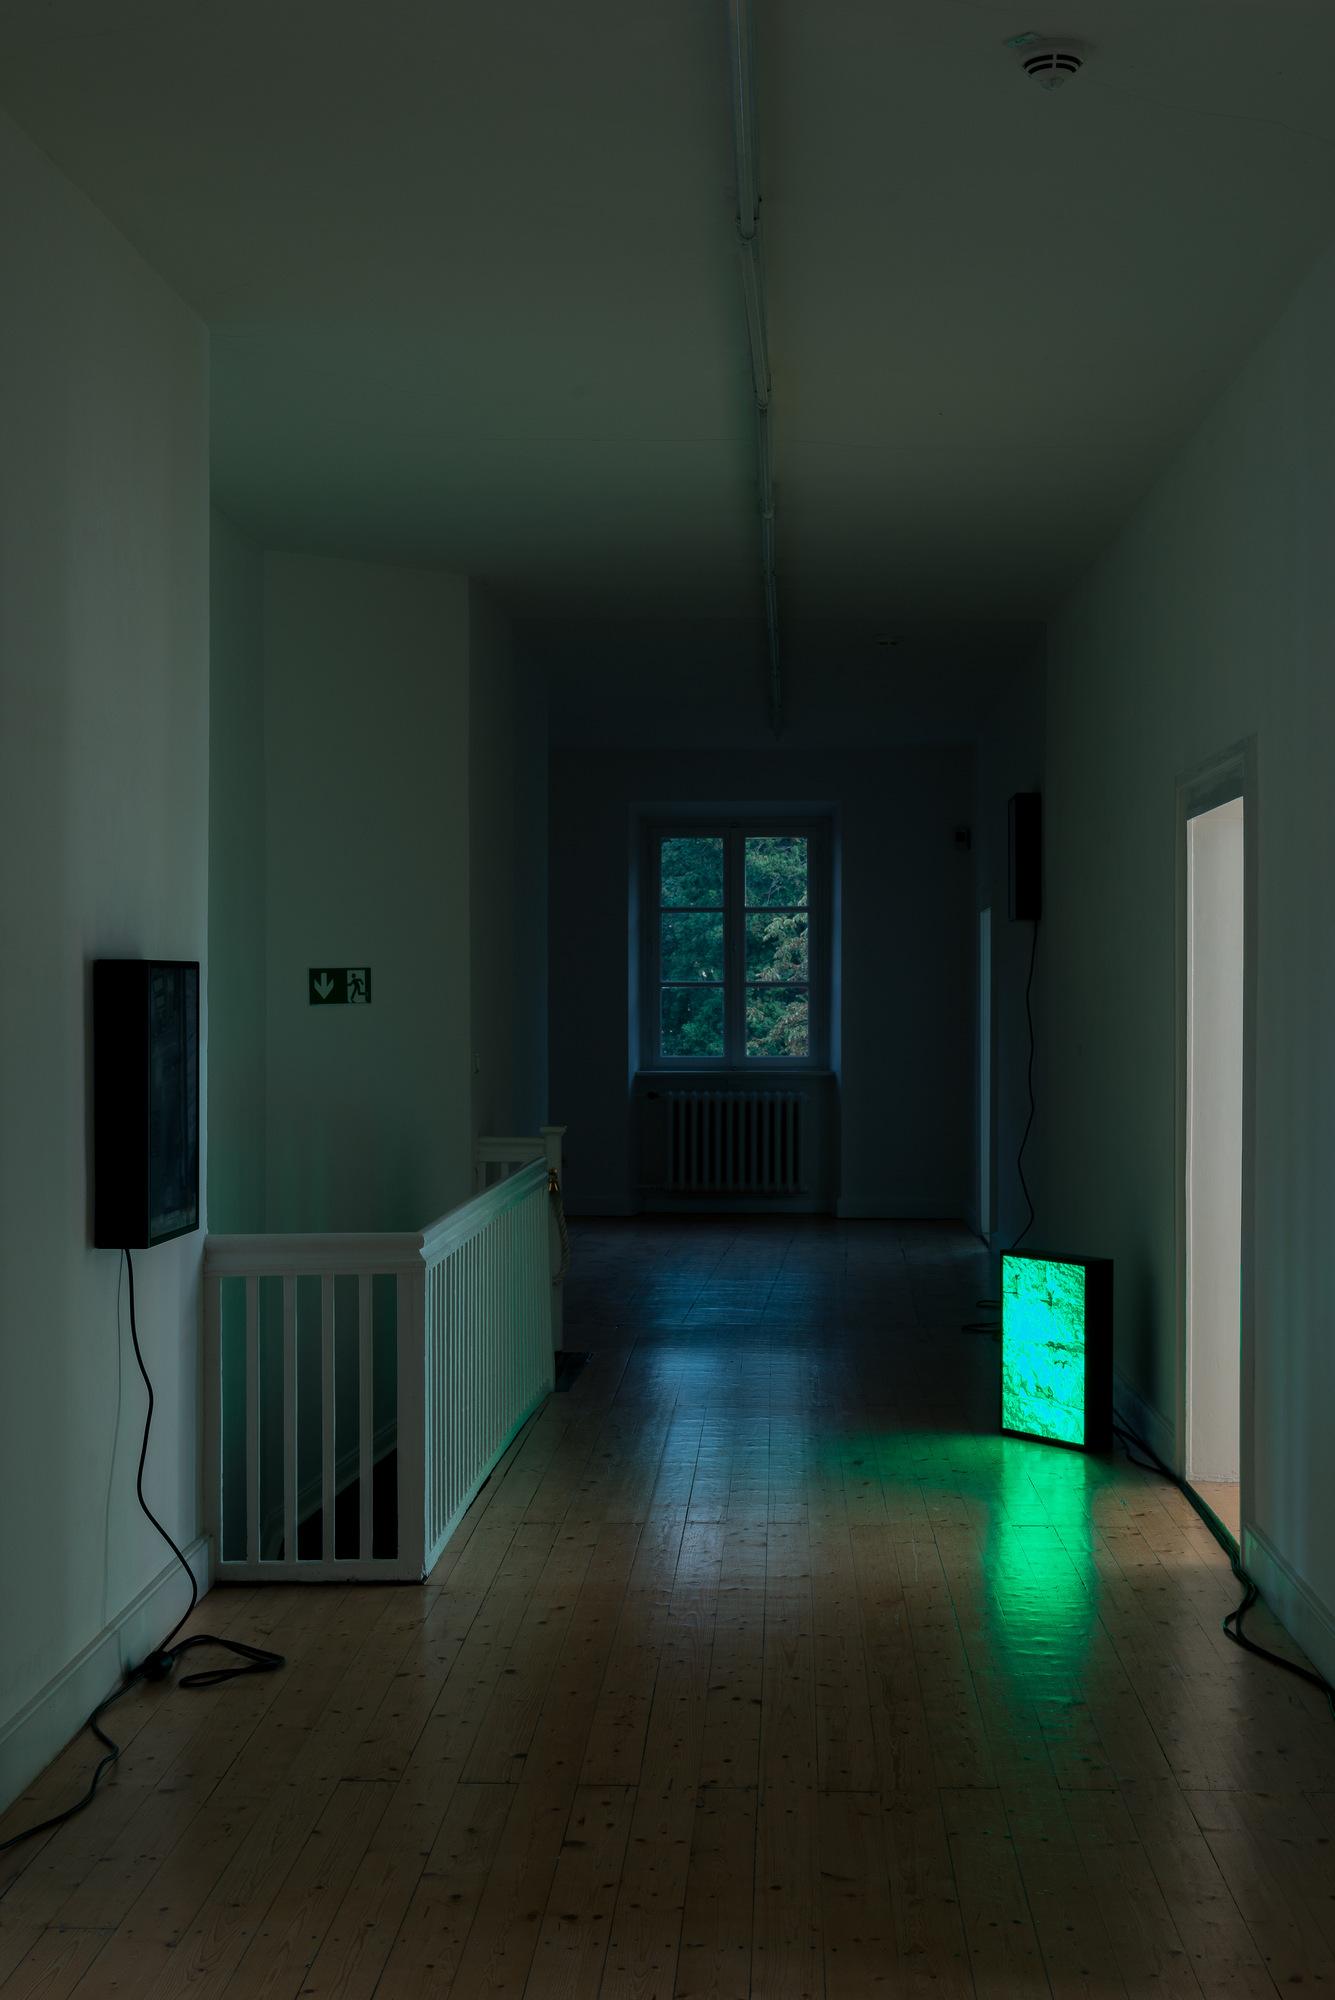 Open House at Kunstverein Braunschweig_Baldi_Schulze 1